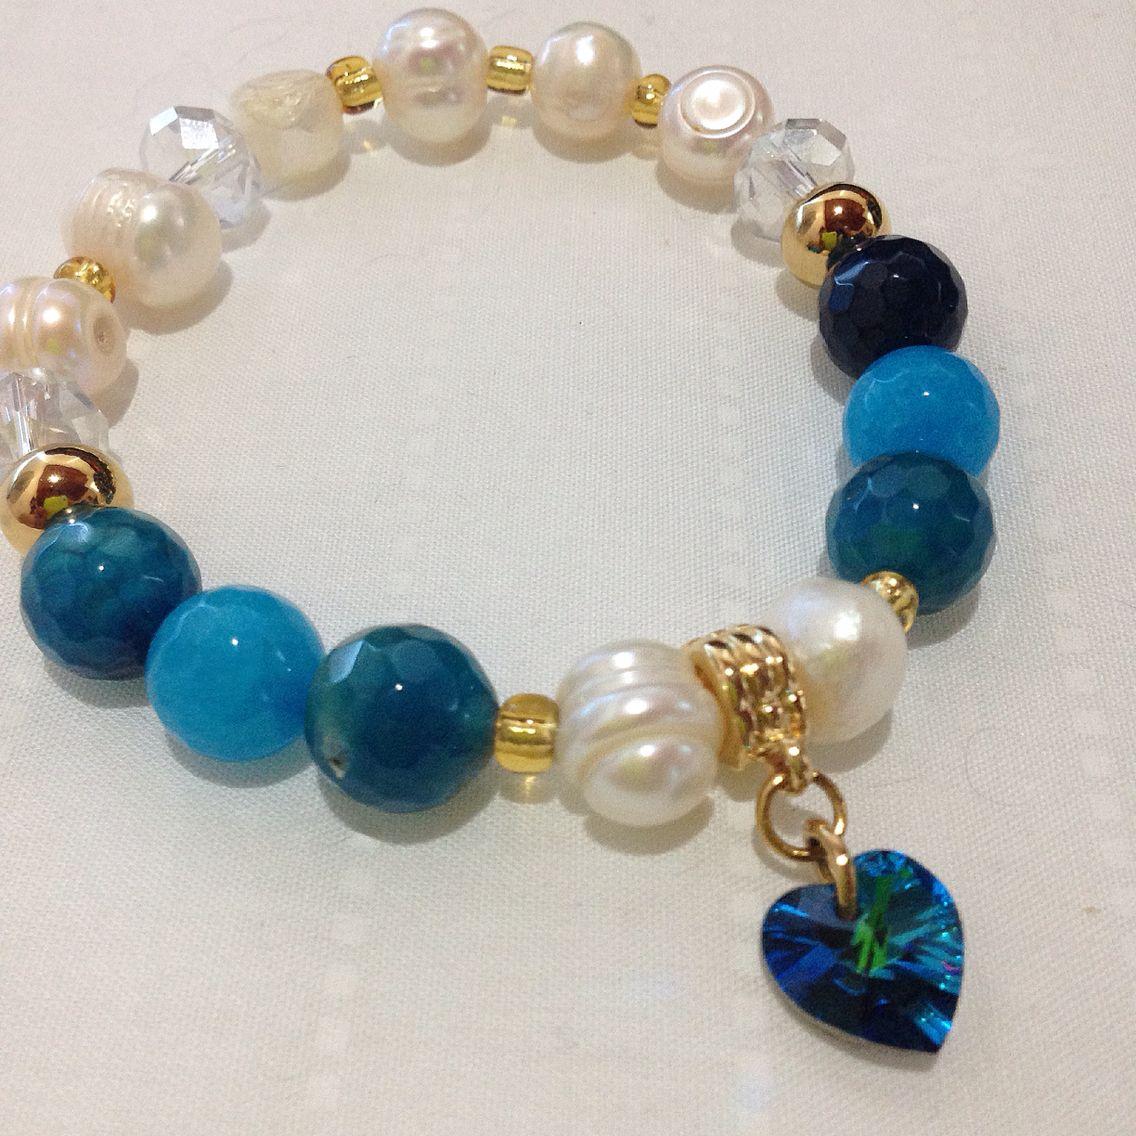 e9ce826f8184 Pulsera agatas y perlas